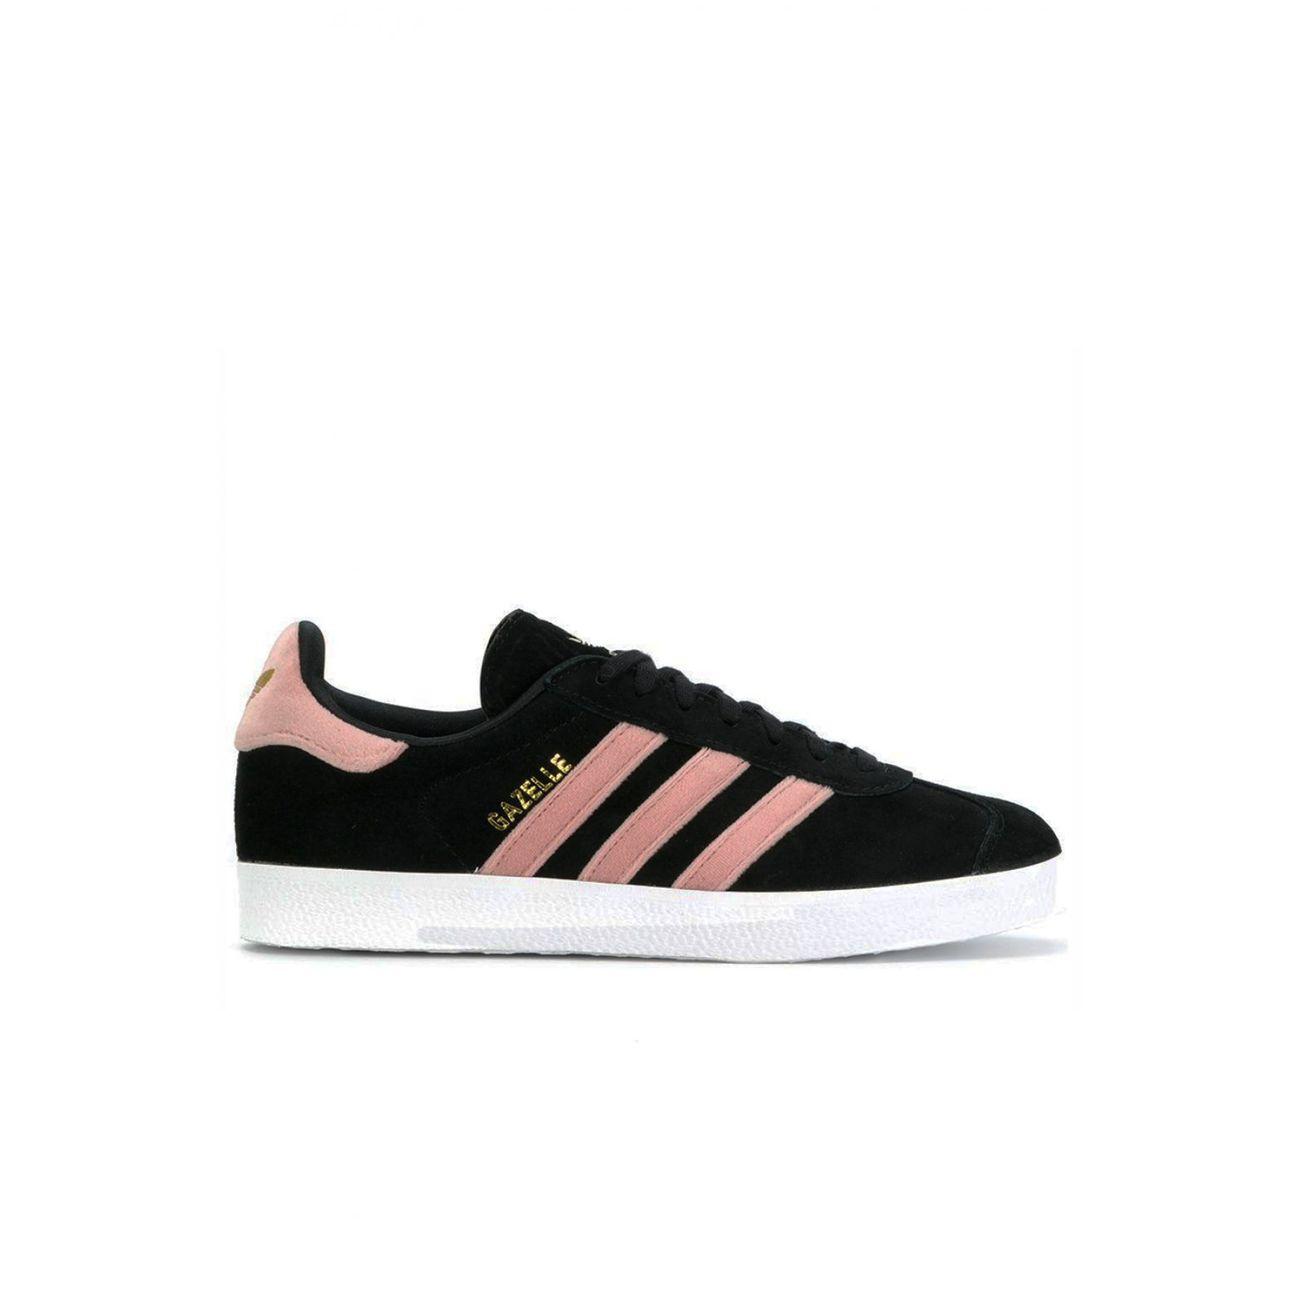 femme ADIDAS Sneakers Cuir Db0164 Gazelle W  -  Adidas